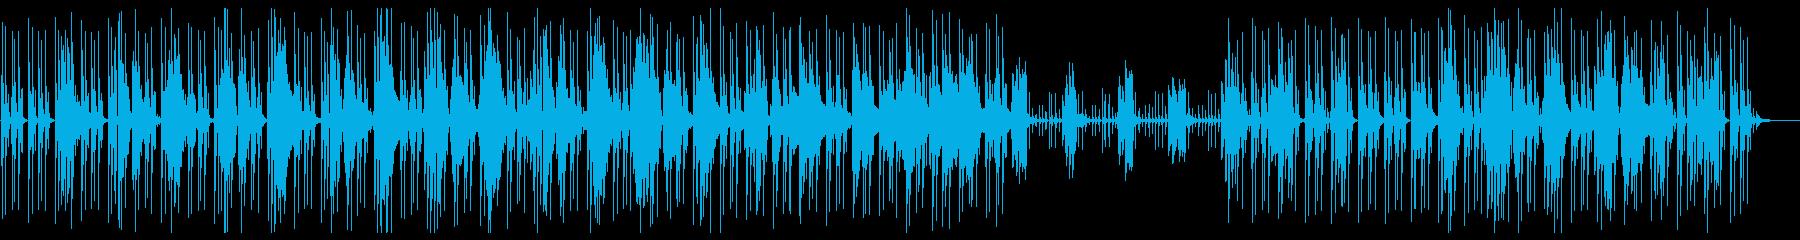 シンプルで落ち着いたジャジーヒップホップの再生済みの波形